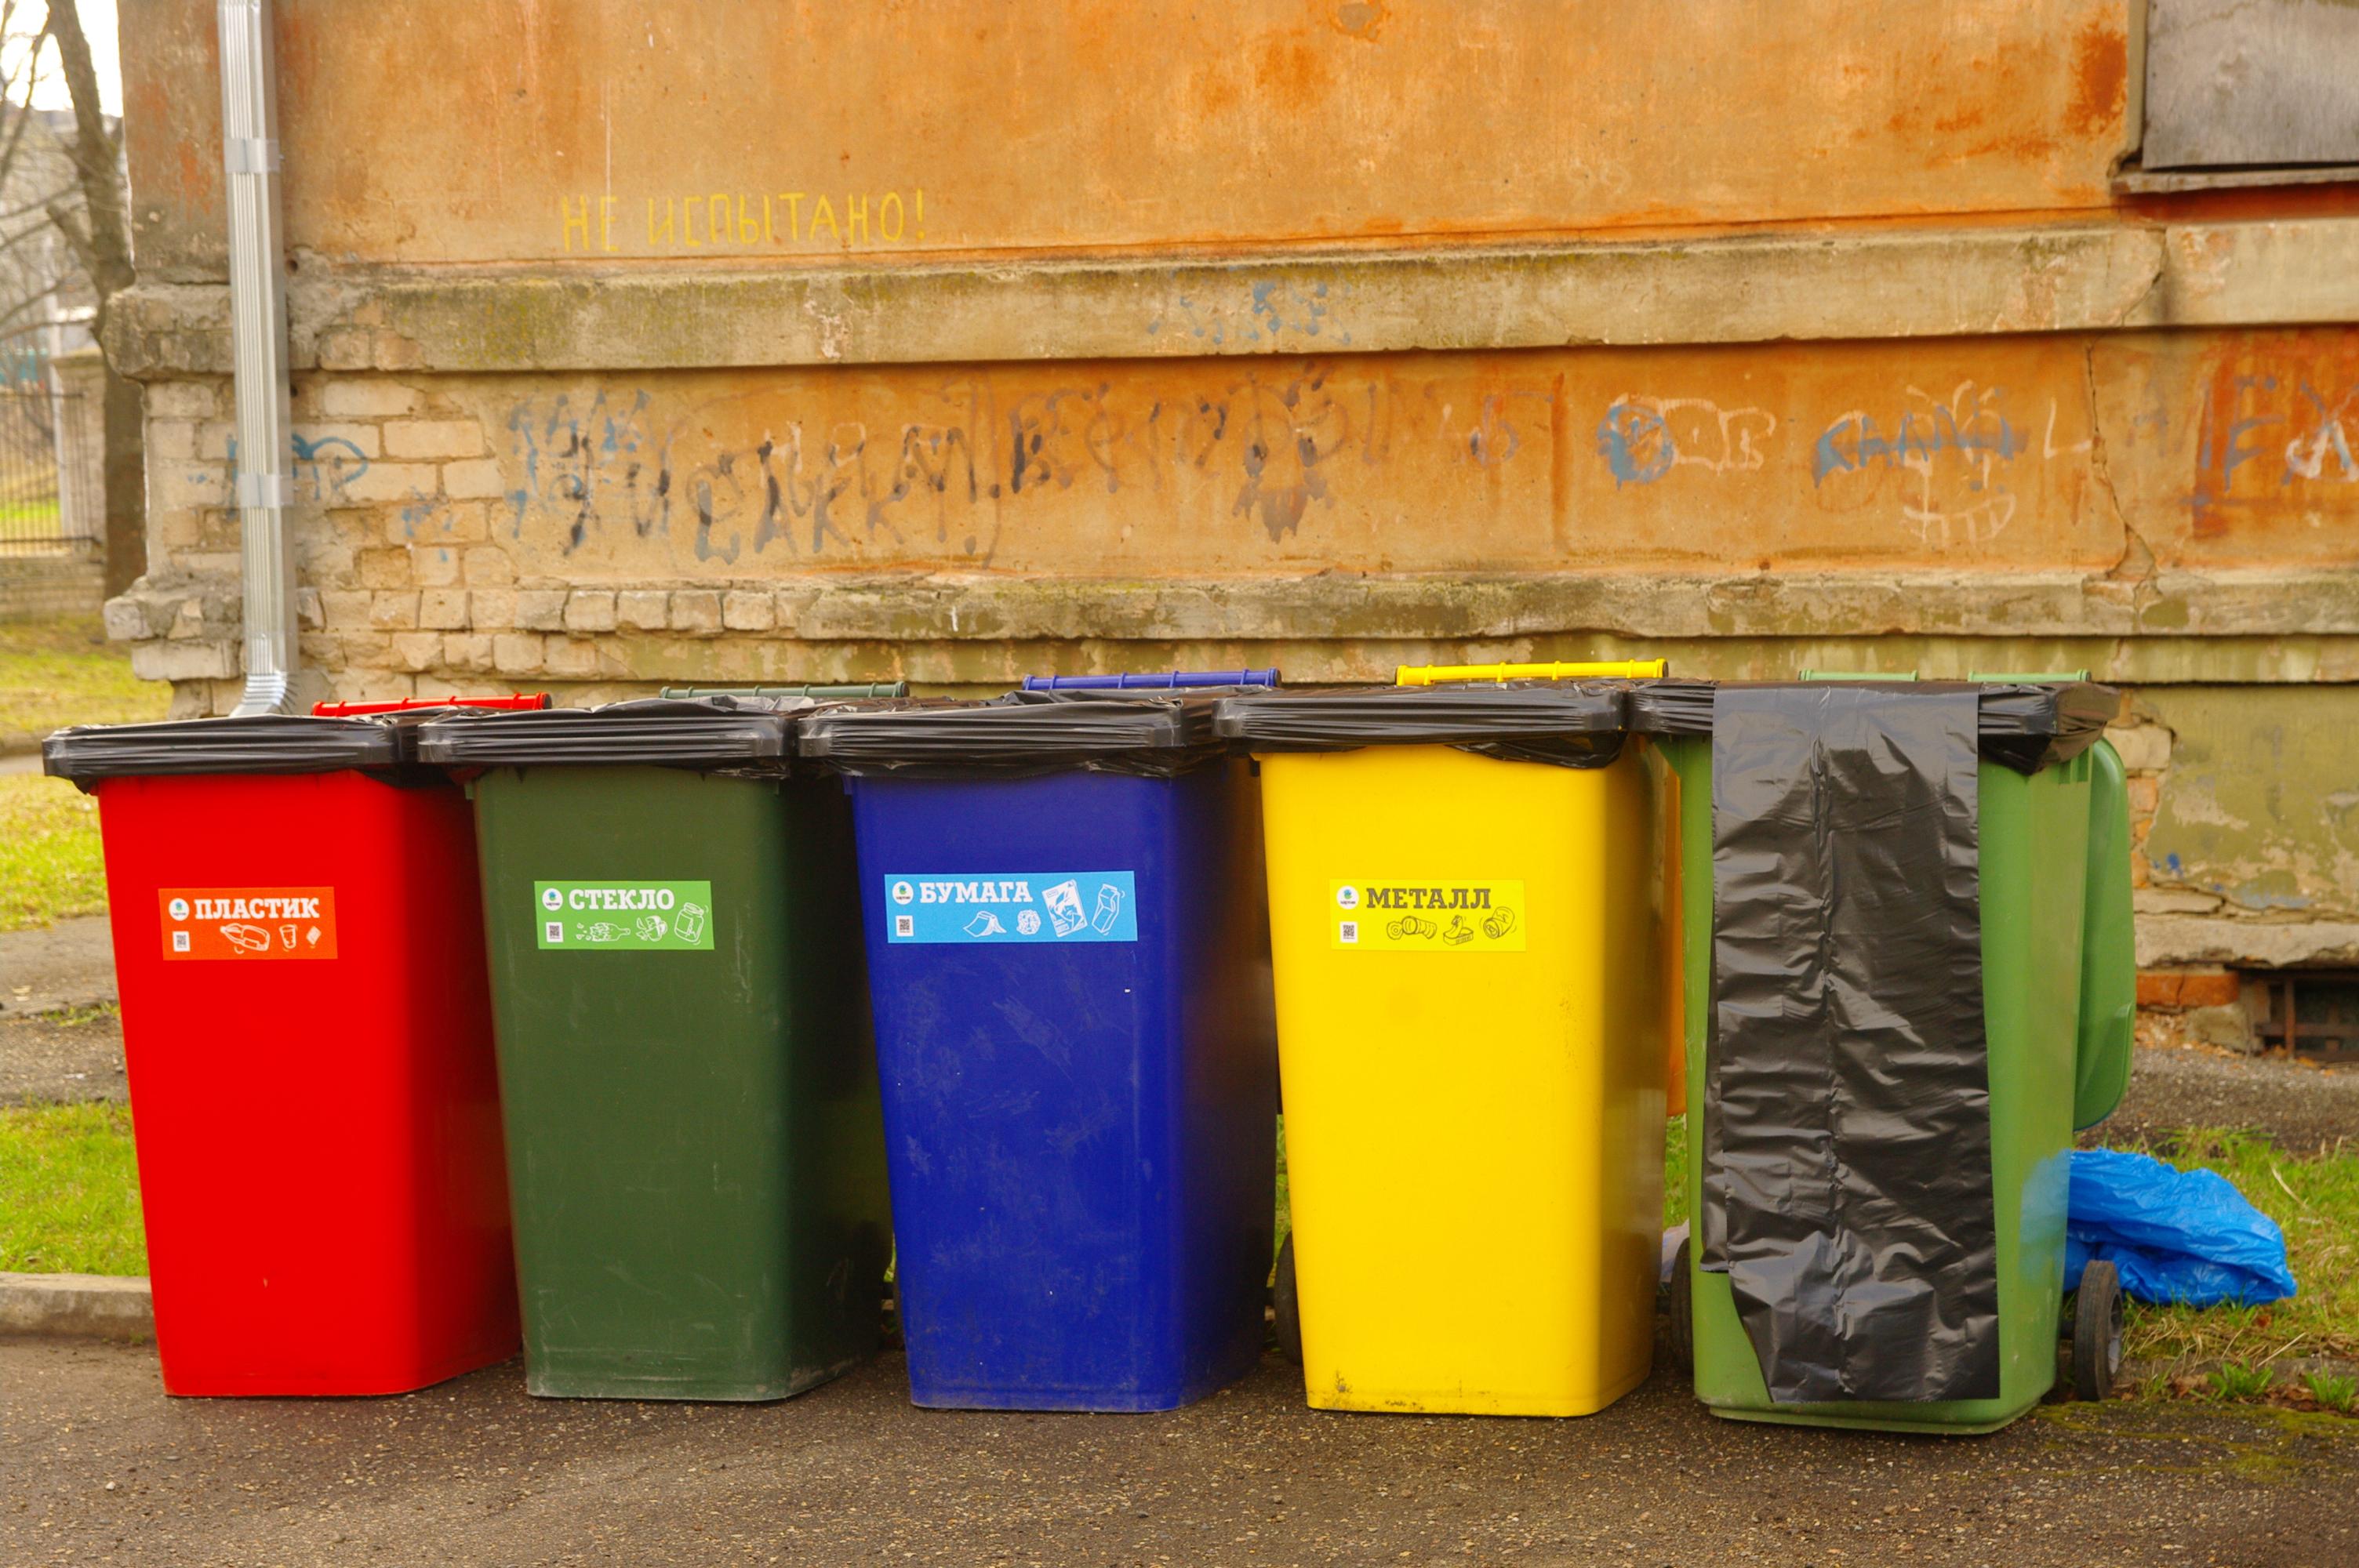 Контейнеры для раздельного сбора отходов картинки